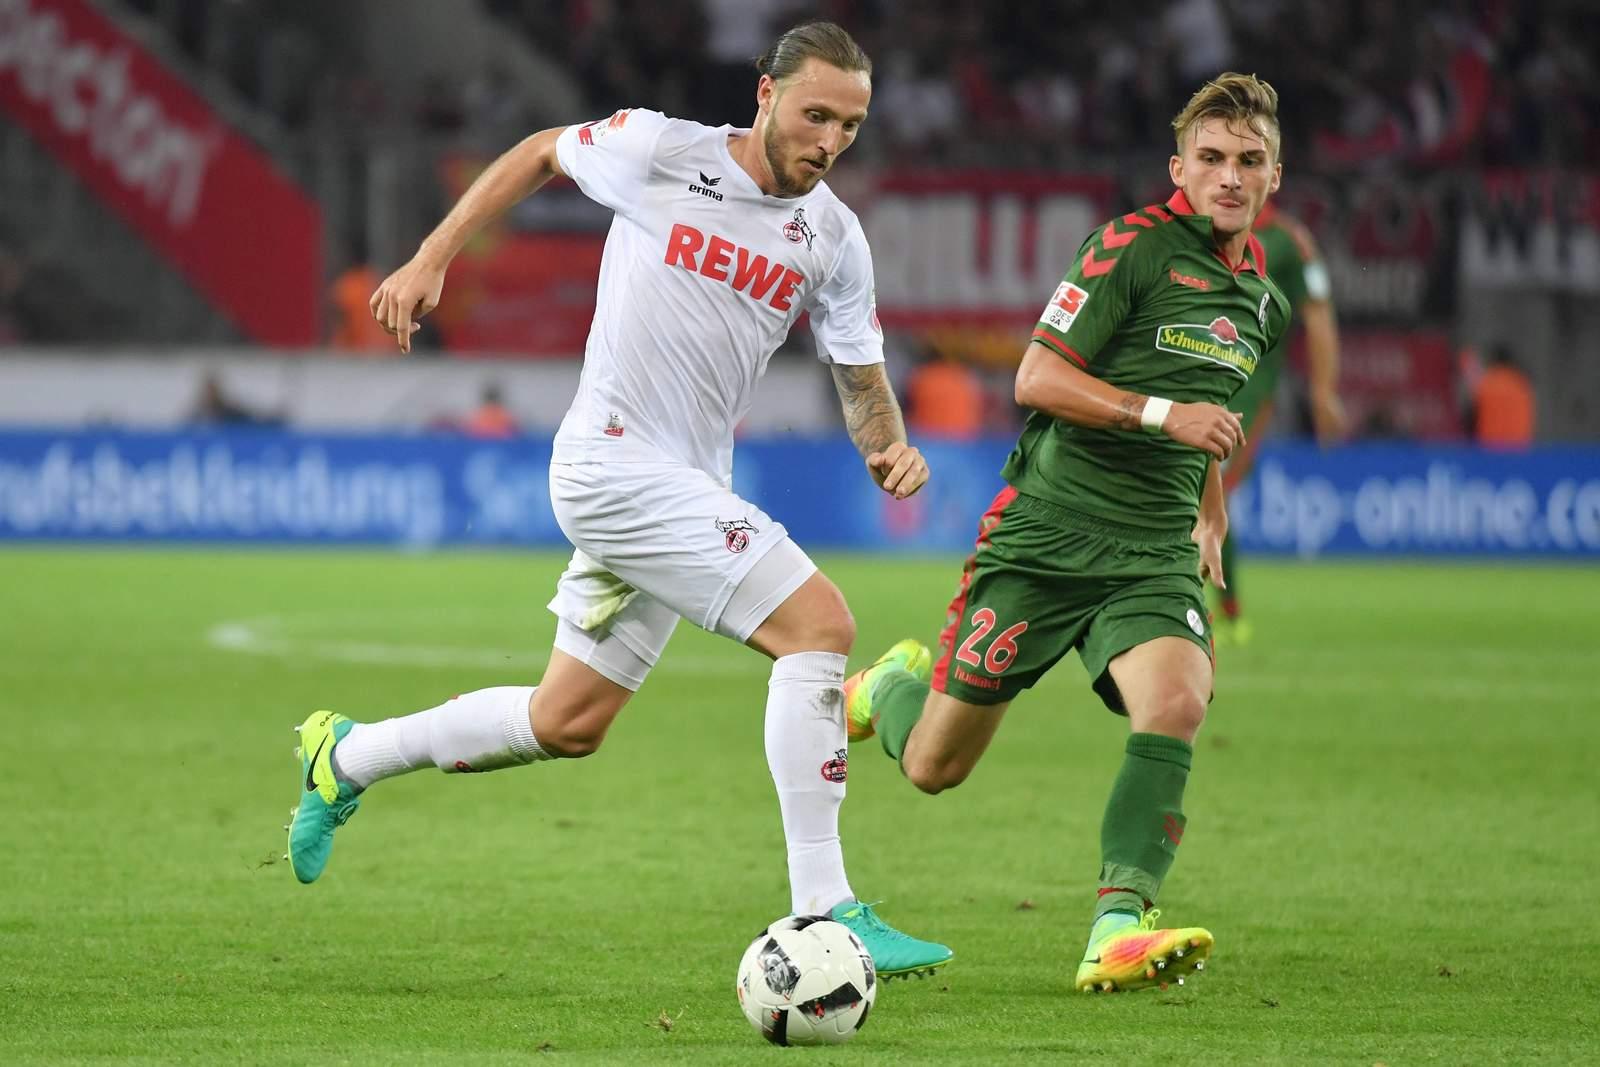 Marco Höger im Laufduell mit Maxi Philipp, Jetzt auf Freiburg gegen Köln wetten!